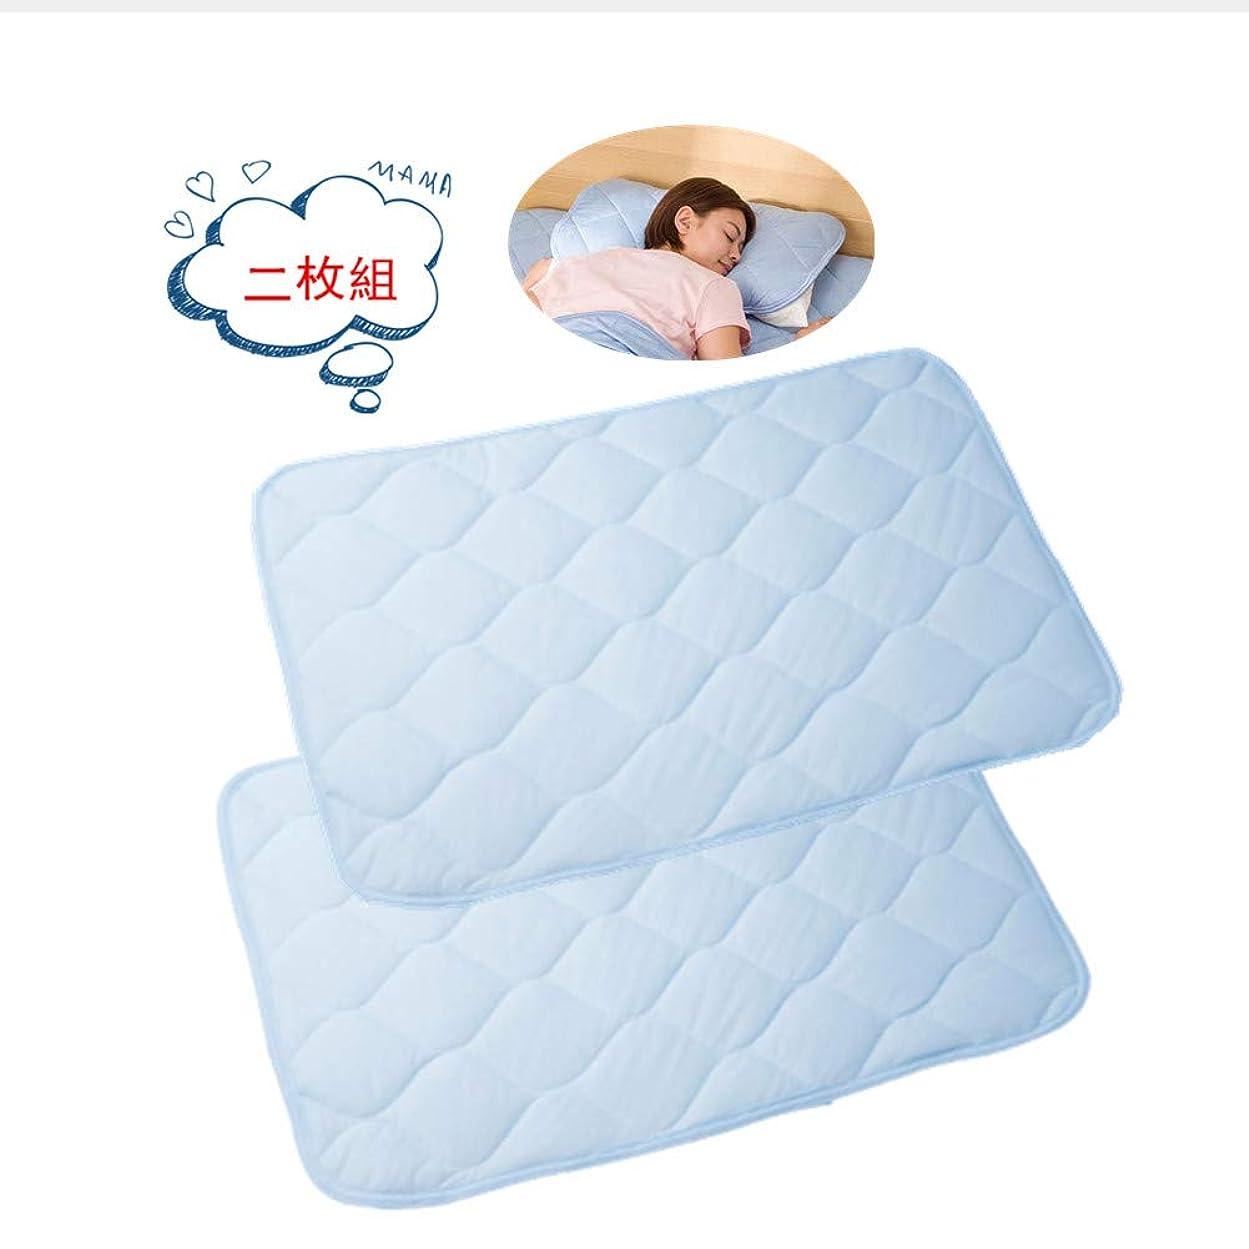 電圧絶縁するプレートひんやり 枕パッド 接触冷感 枕カバー 冷感マット ひんやり枕 敷きパッド 夏用寝具 清涼快適 抗菌 二枚組(43X63cm) (二枚組ブルー, 43X63cm)